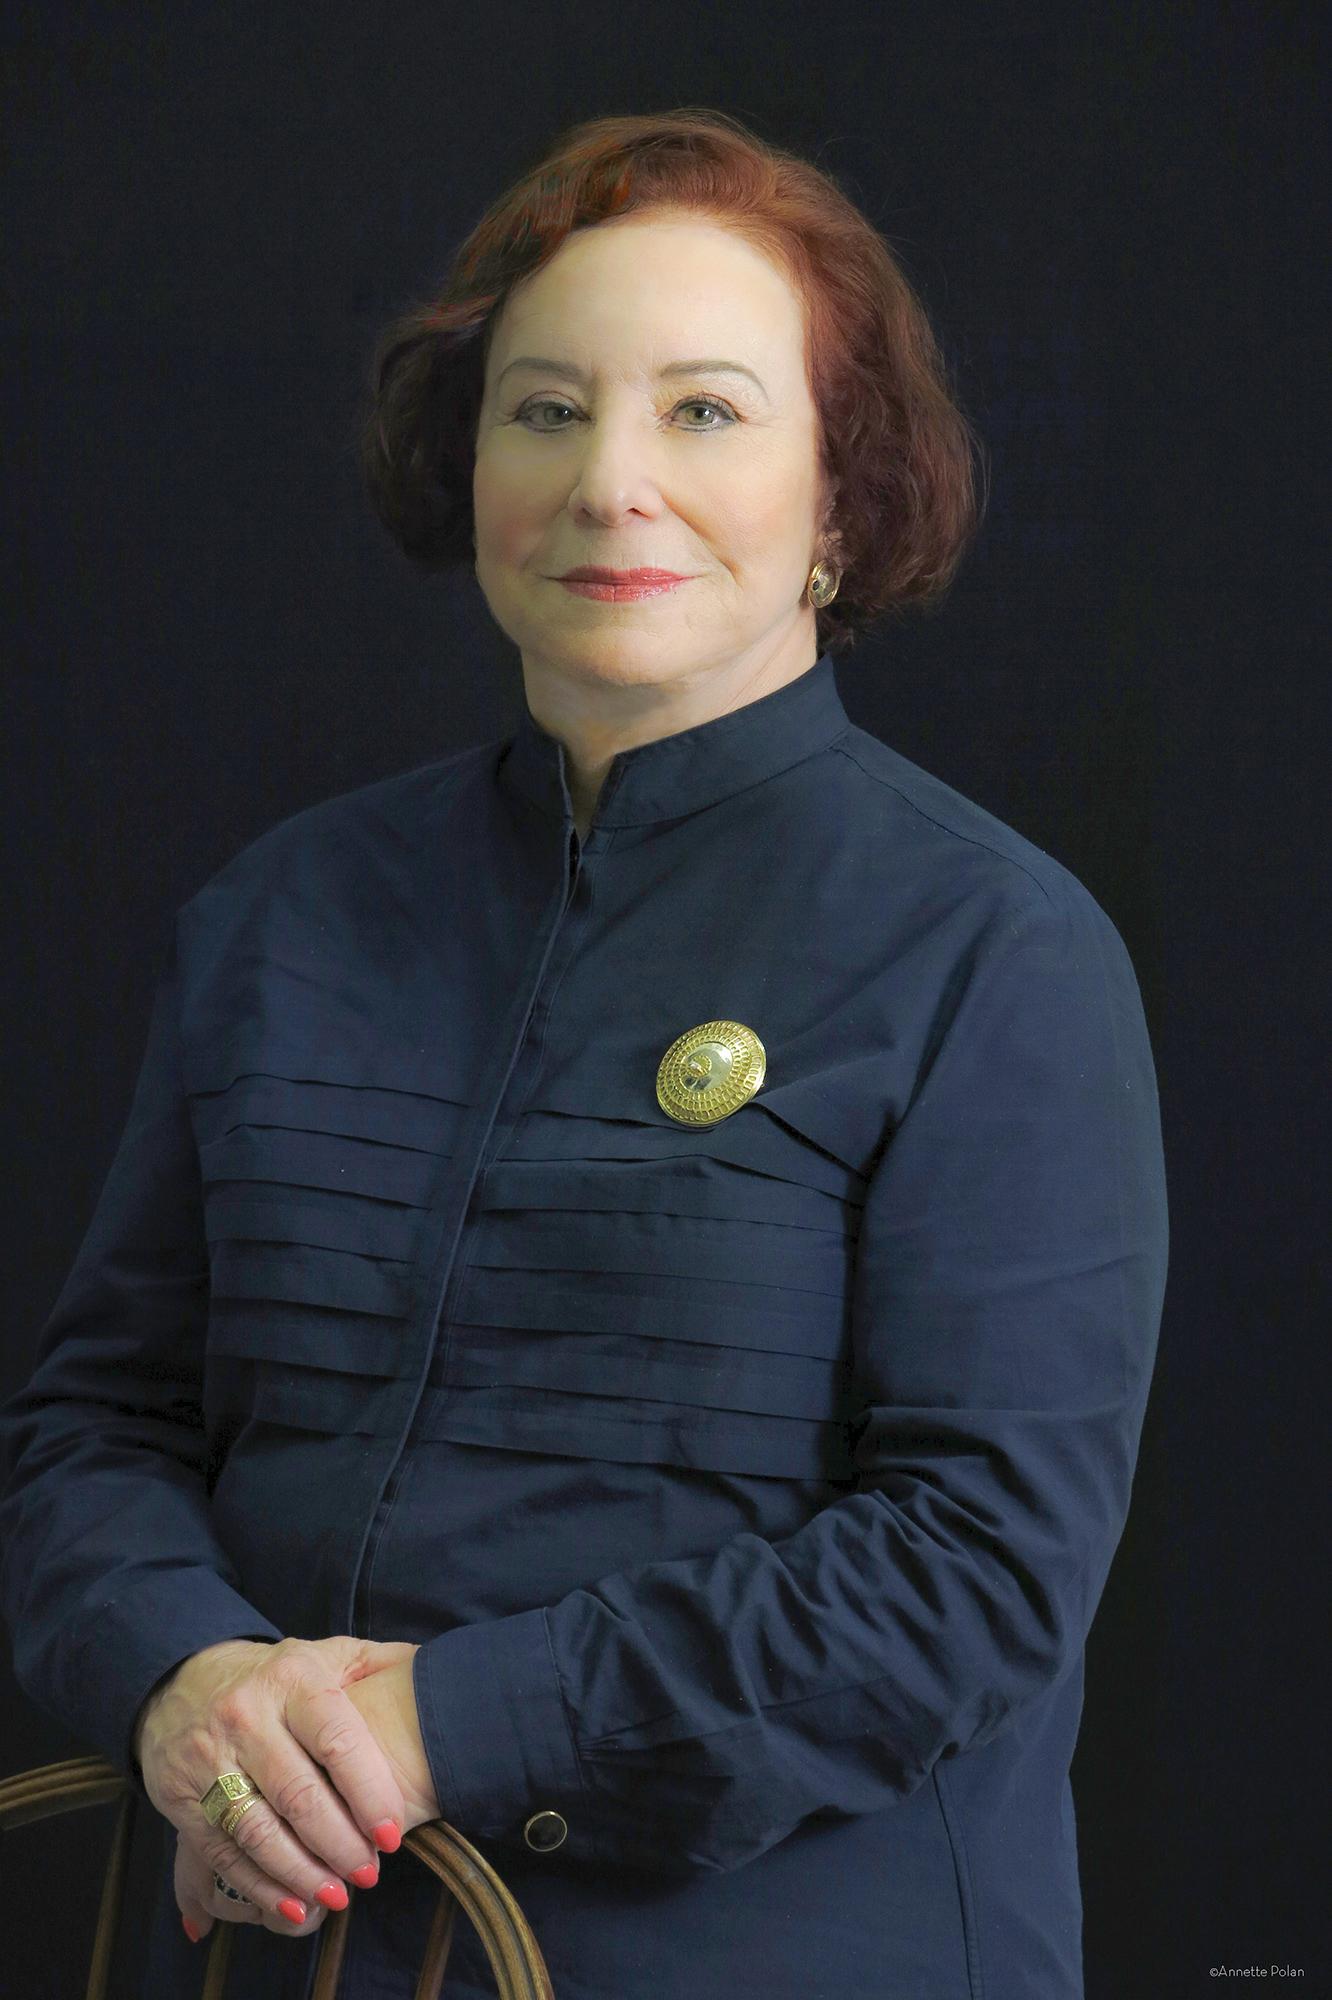 Florence Haseltine